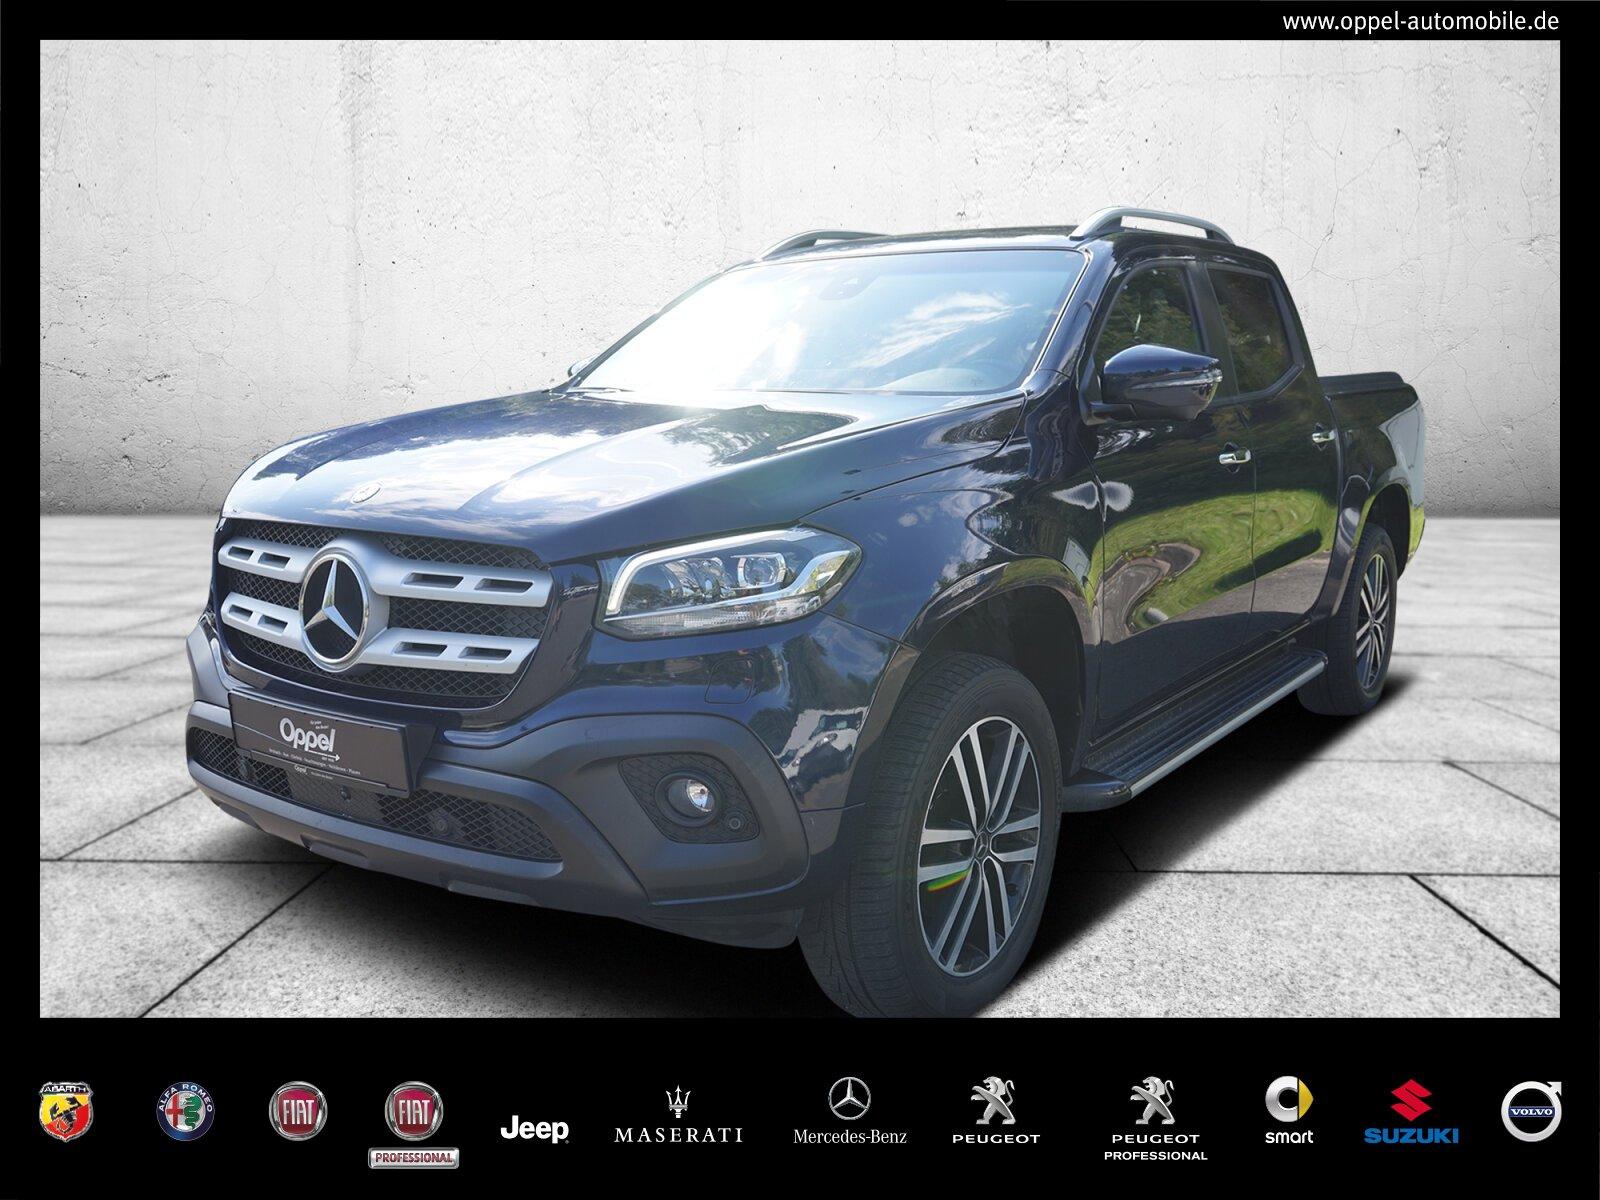 Mercedes-Benz X 250 +COMAND+360° KAMER+LES+TEMPOMAT+PTS+SITZH., Jahr 2018, Diesel